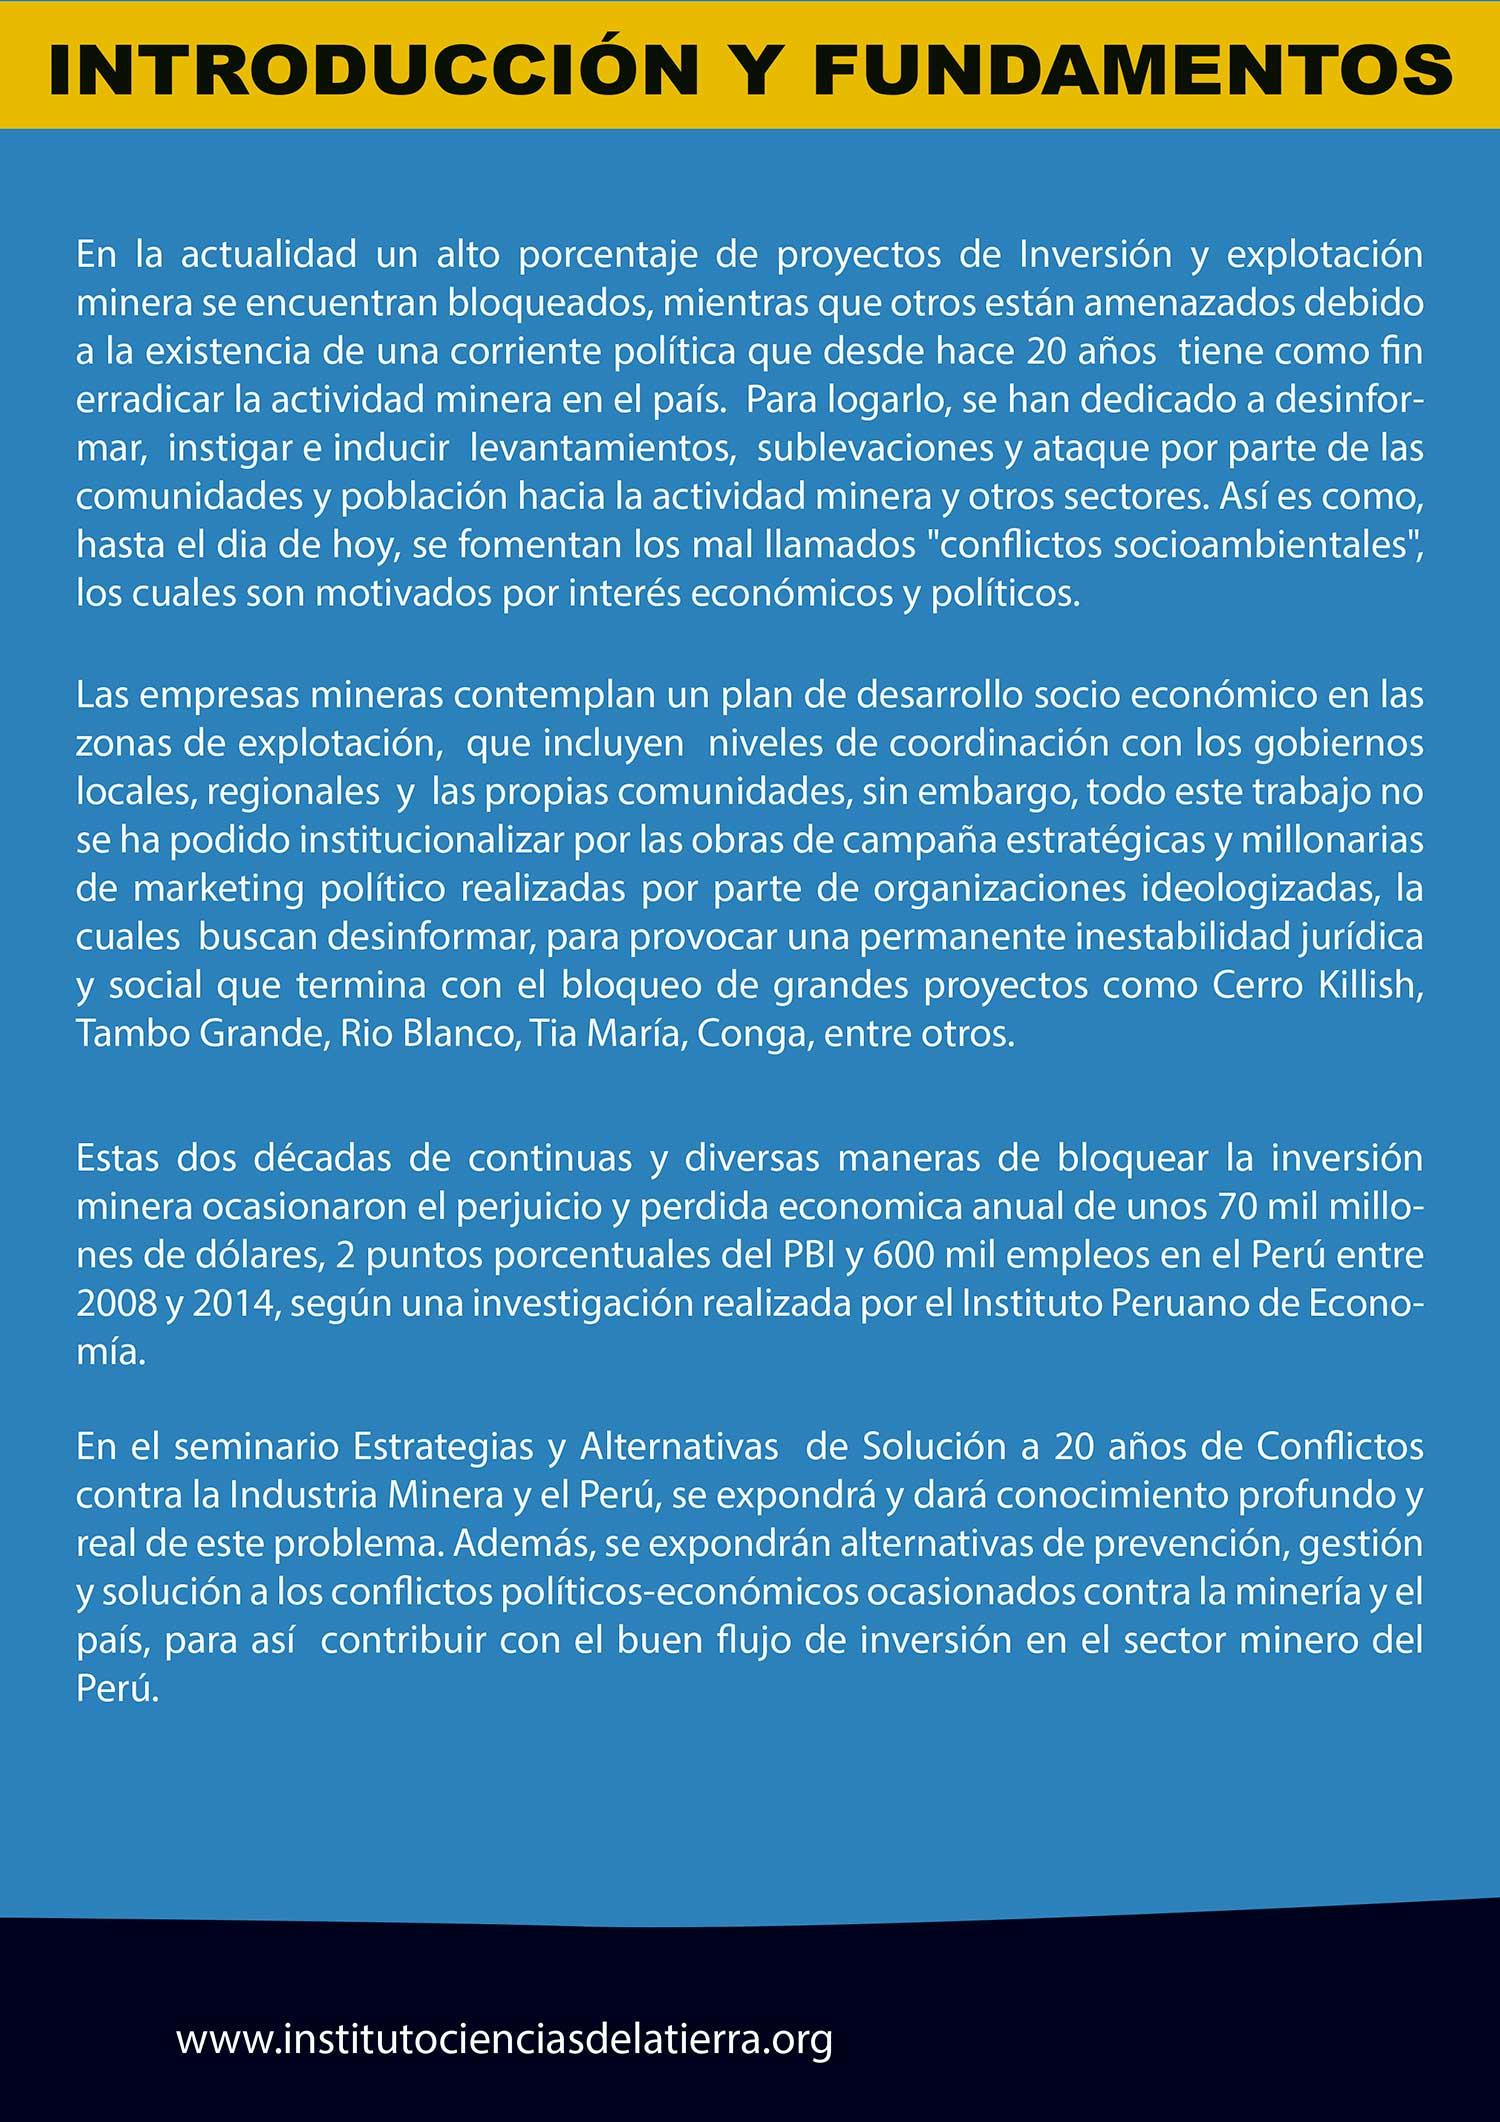 BOLETIN-SEMINARIO-CONFLICTOS-SOCIALES-20-ENERO-2020-2